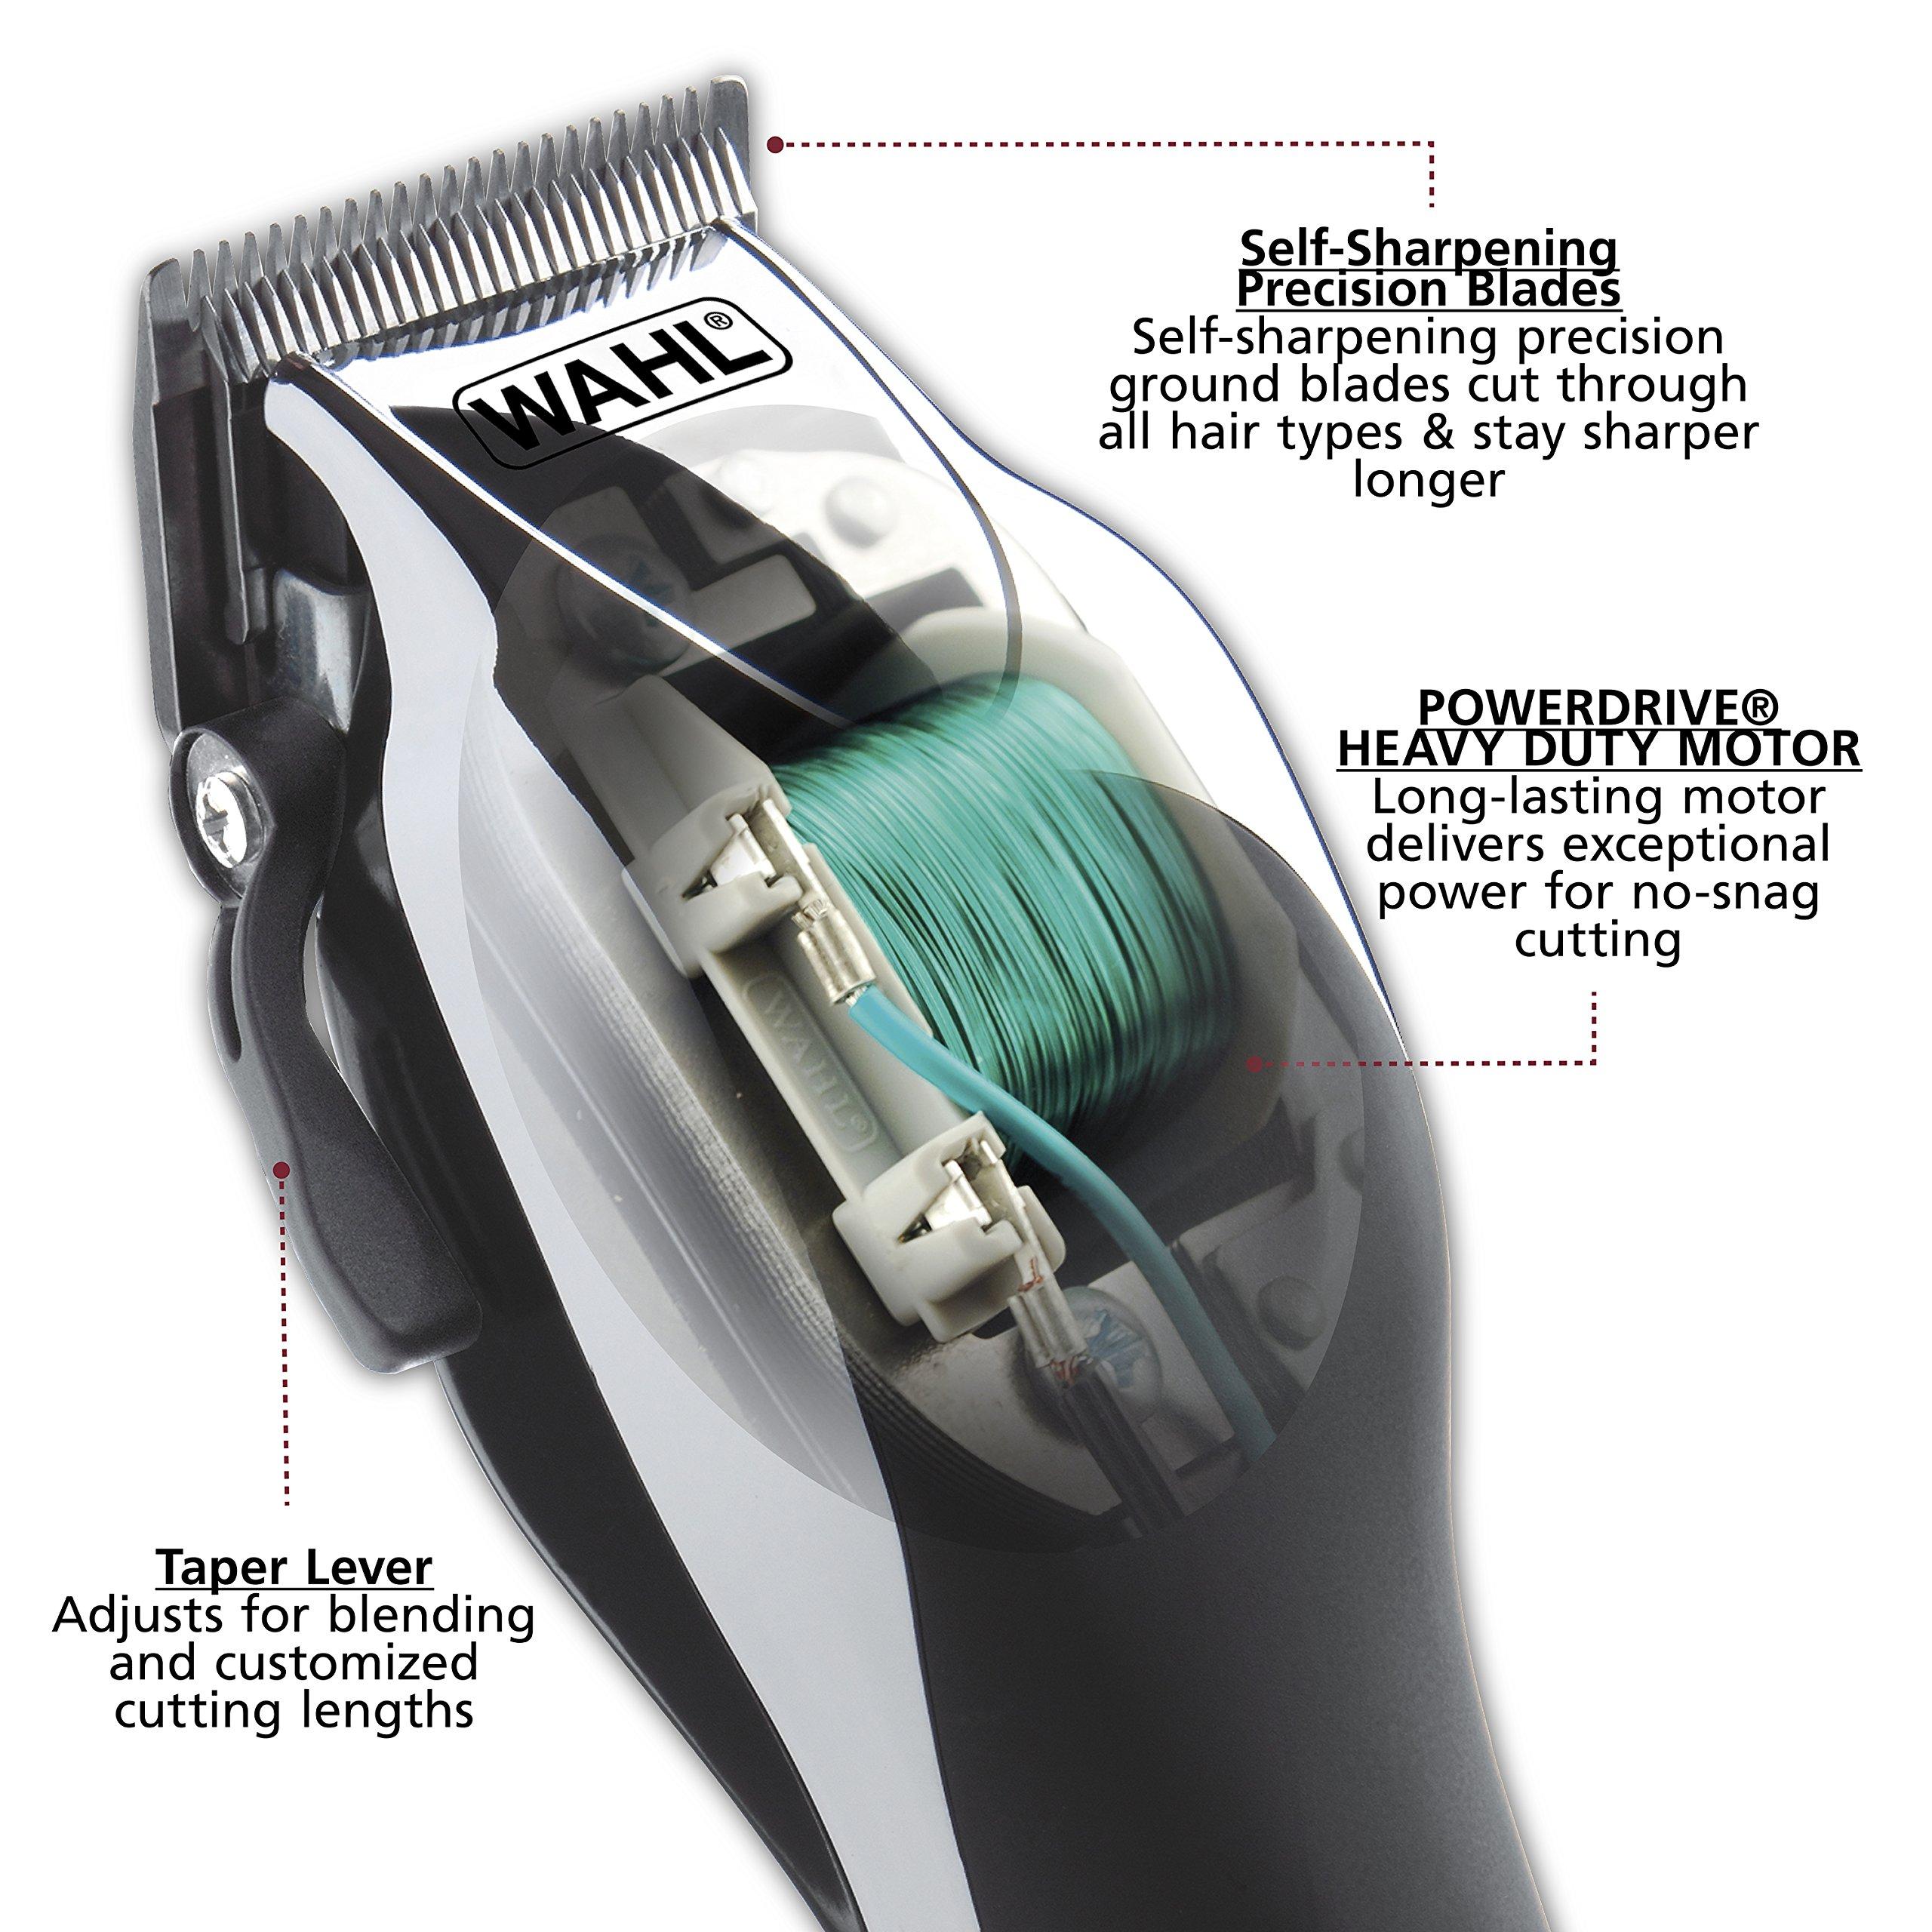 e90f93f64 Wahl Clipper Home Barber Clipper Kit - TiendaMIA.com